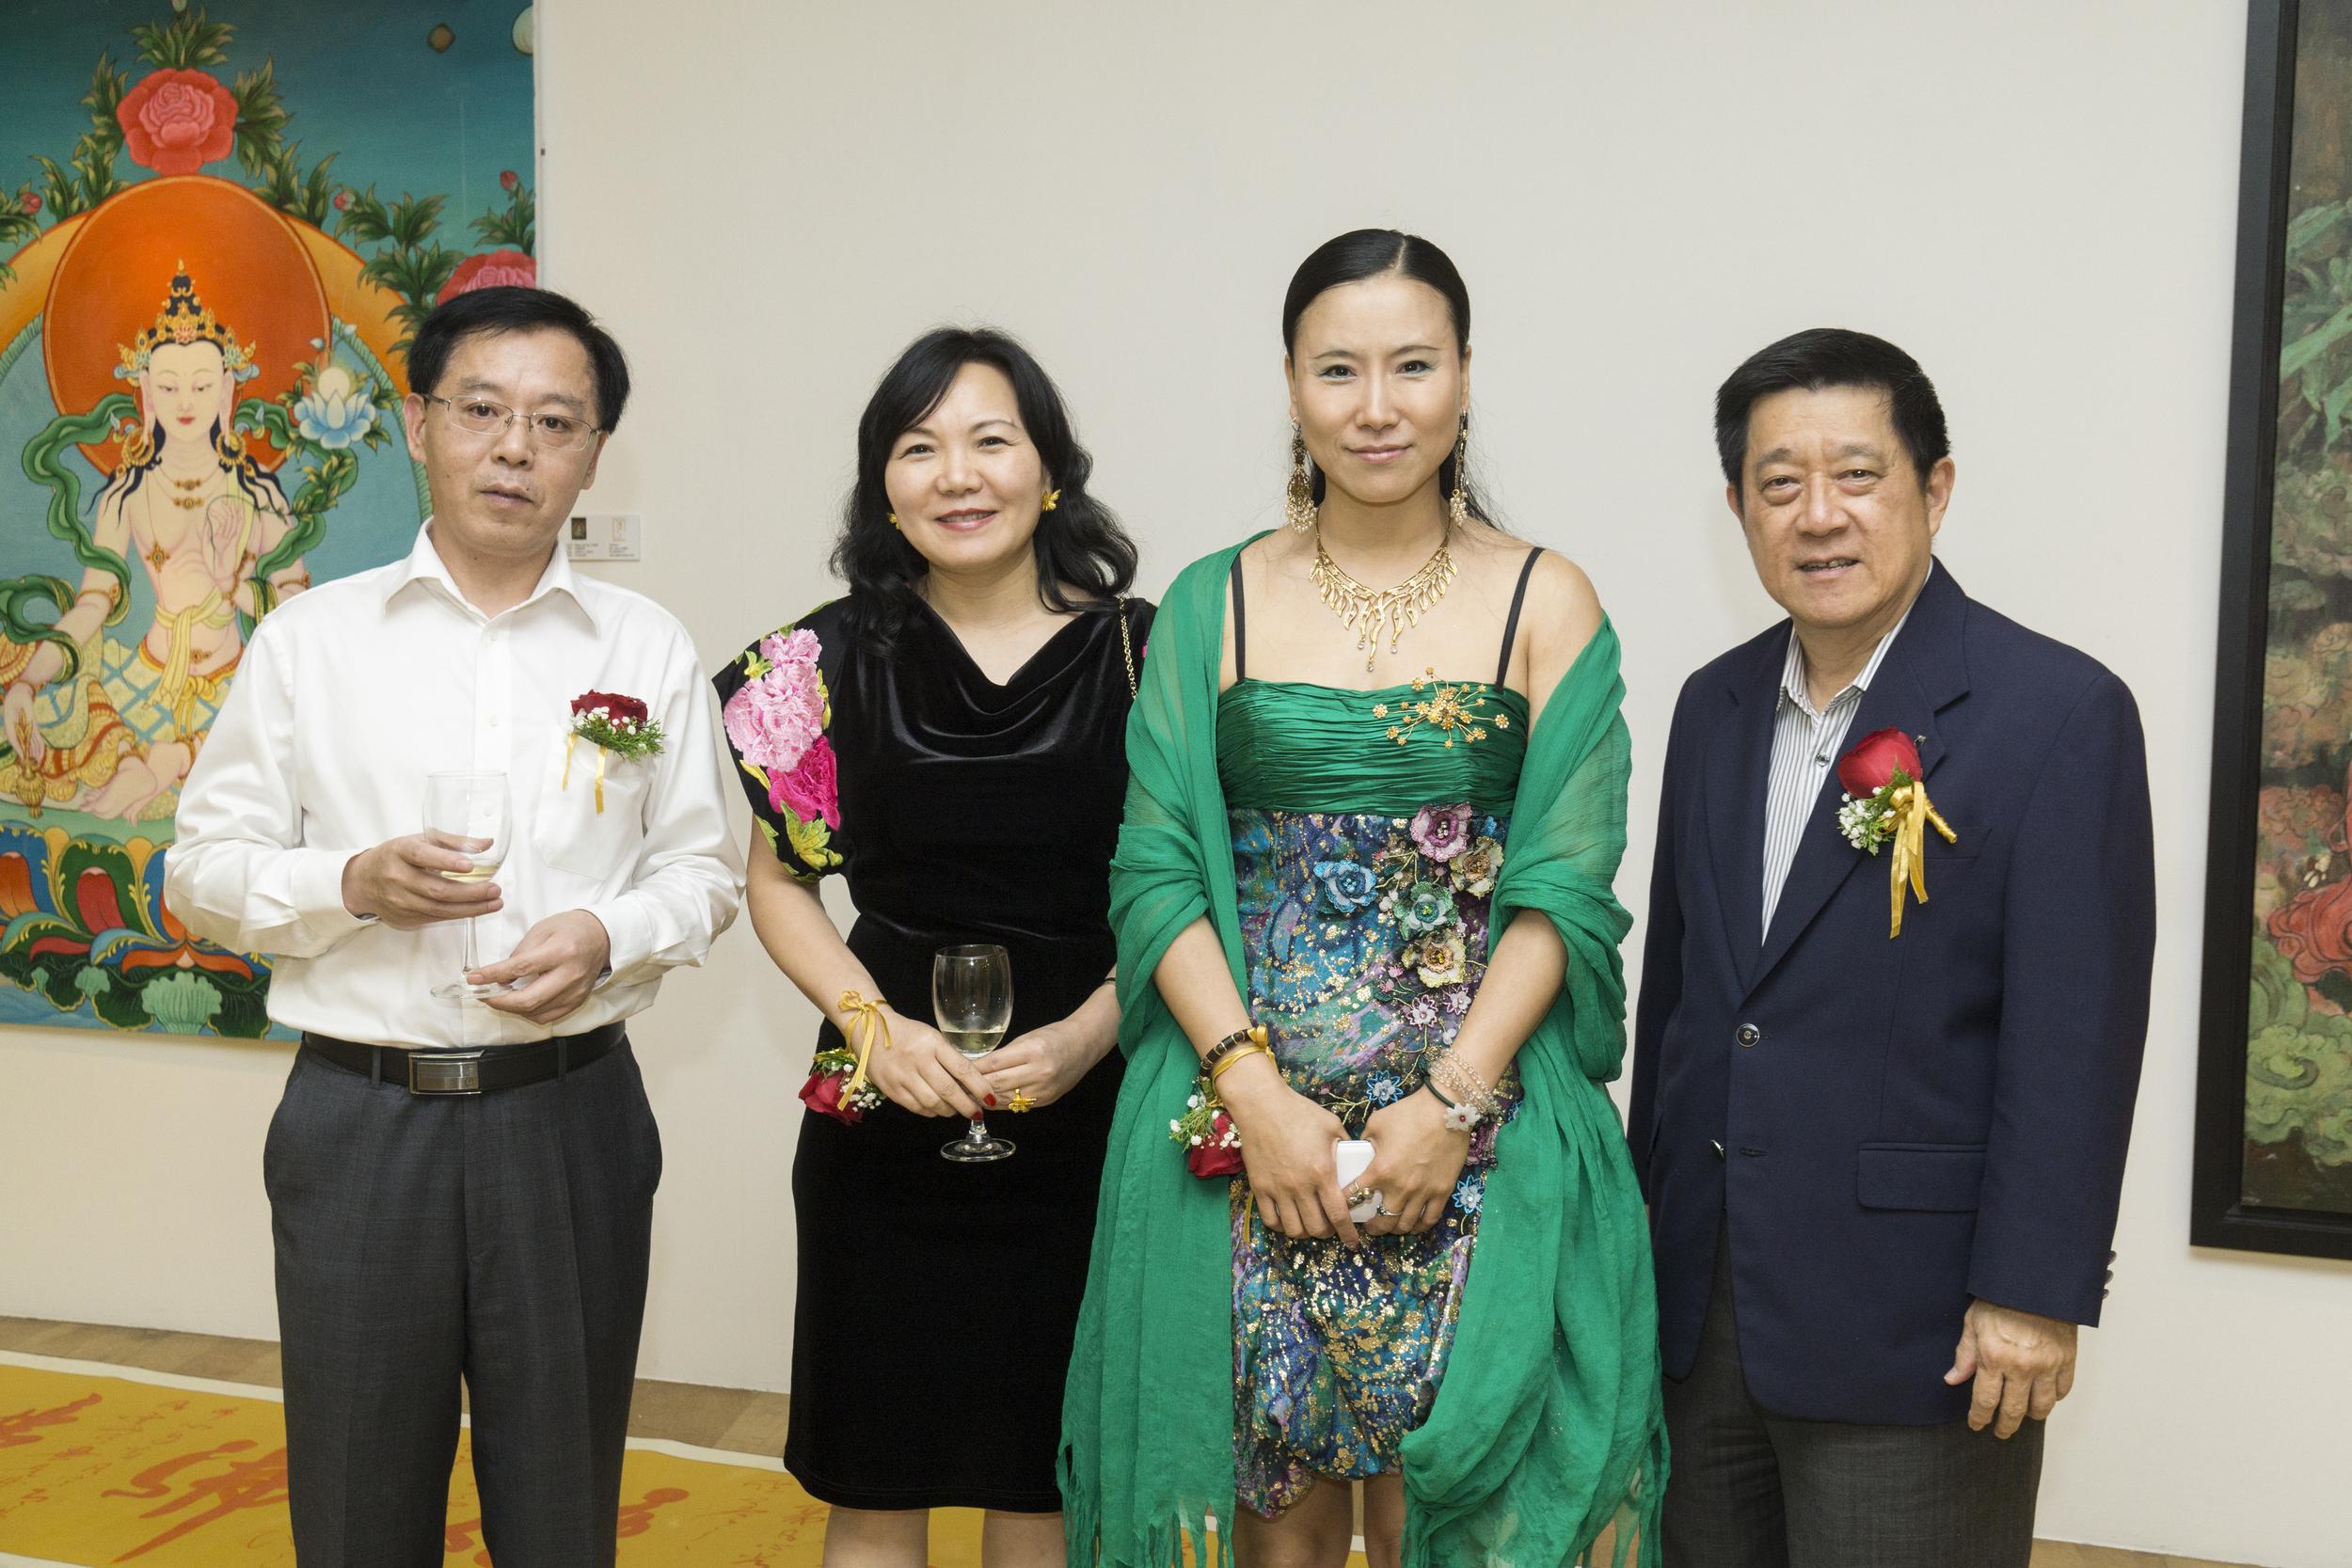 Mr.Xiao Jianghua, Ms.Jenny Zhu HuiMin, Wang Junying & Mr. Choo Thiamsiew